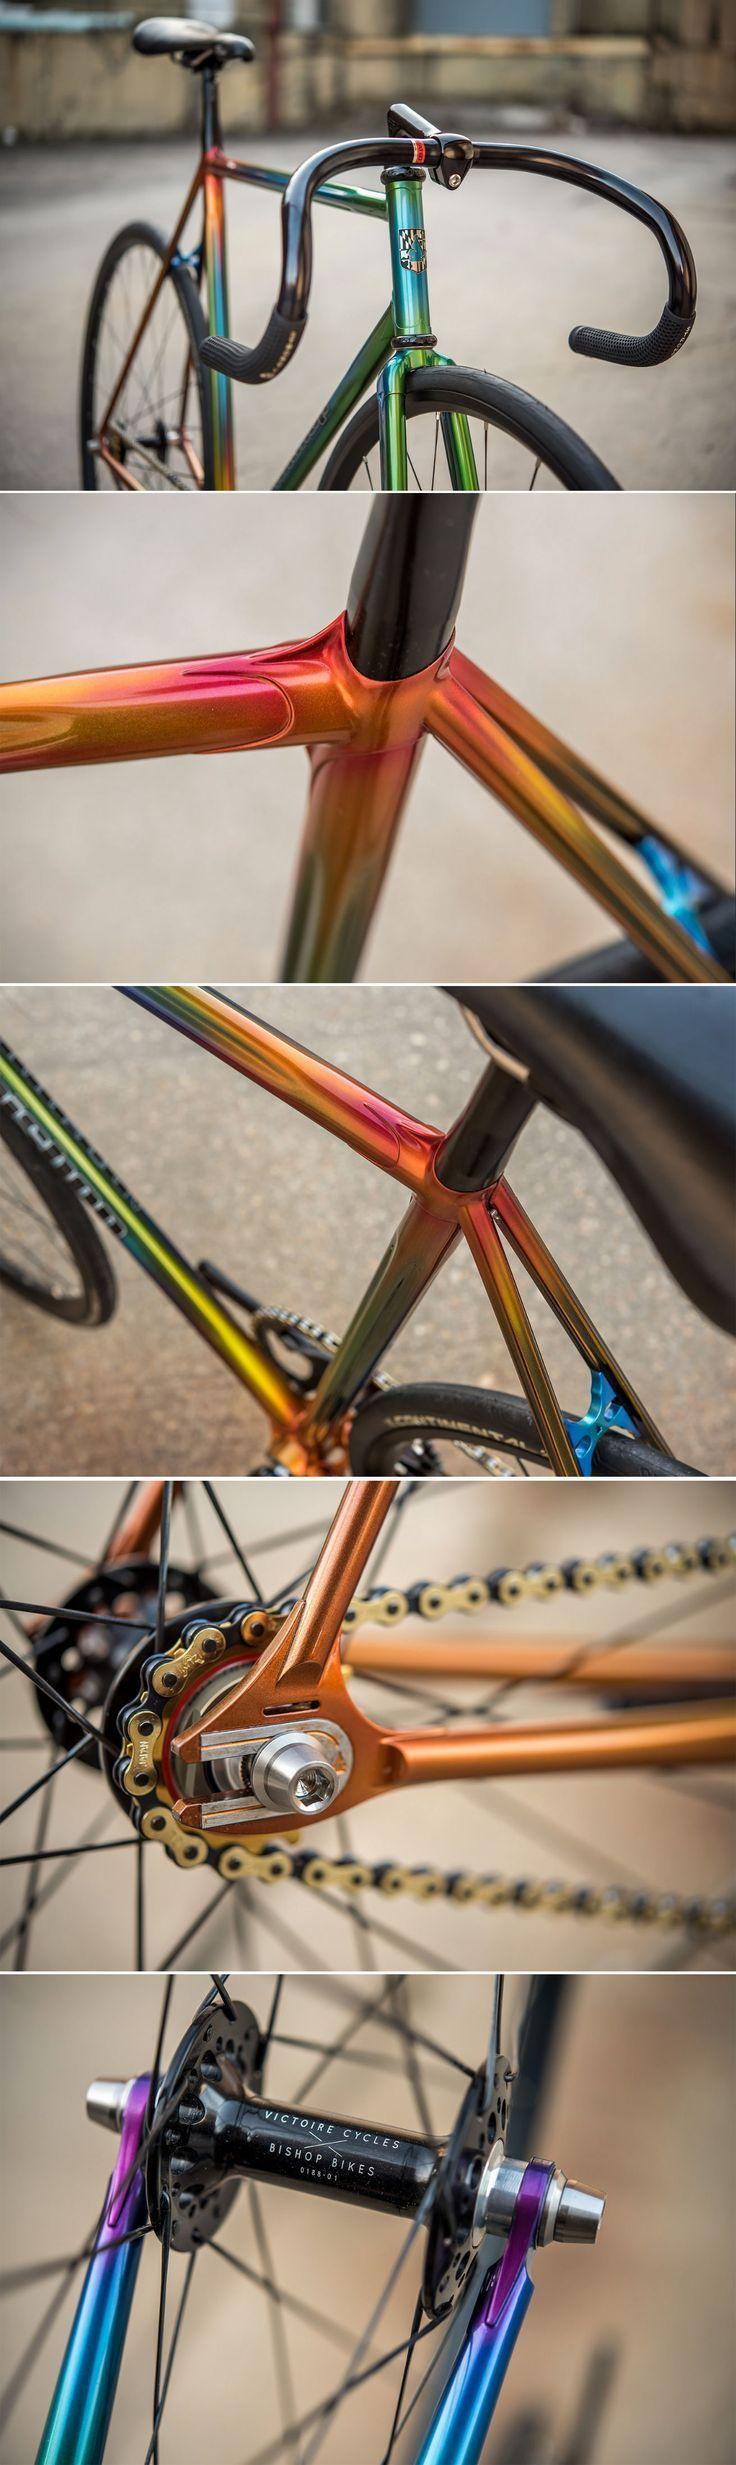 Nicole's Track Bike - Bishop Bikes